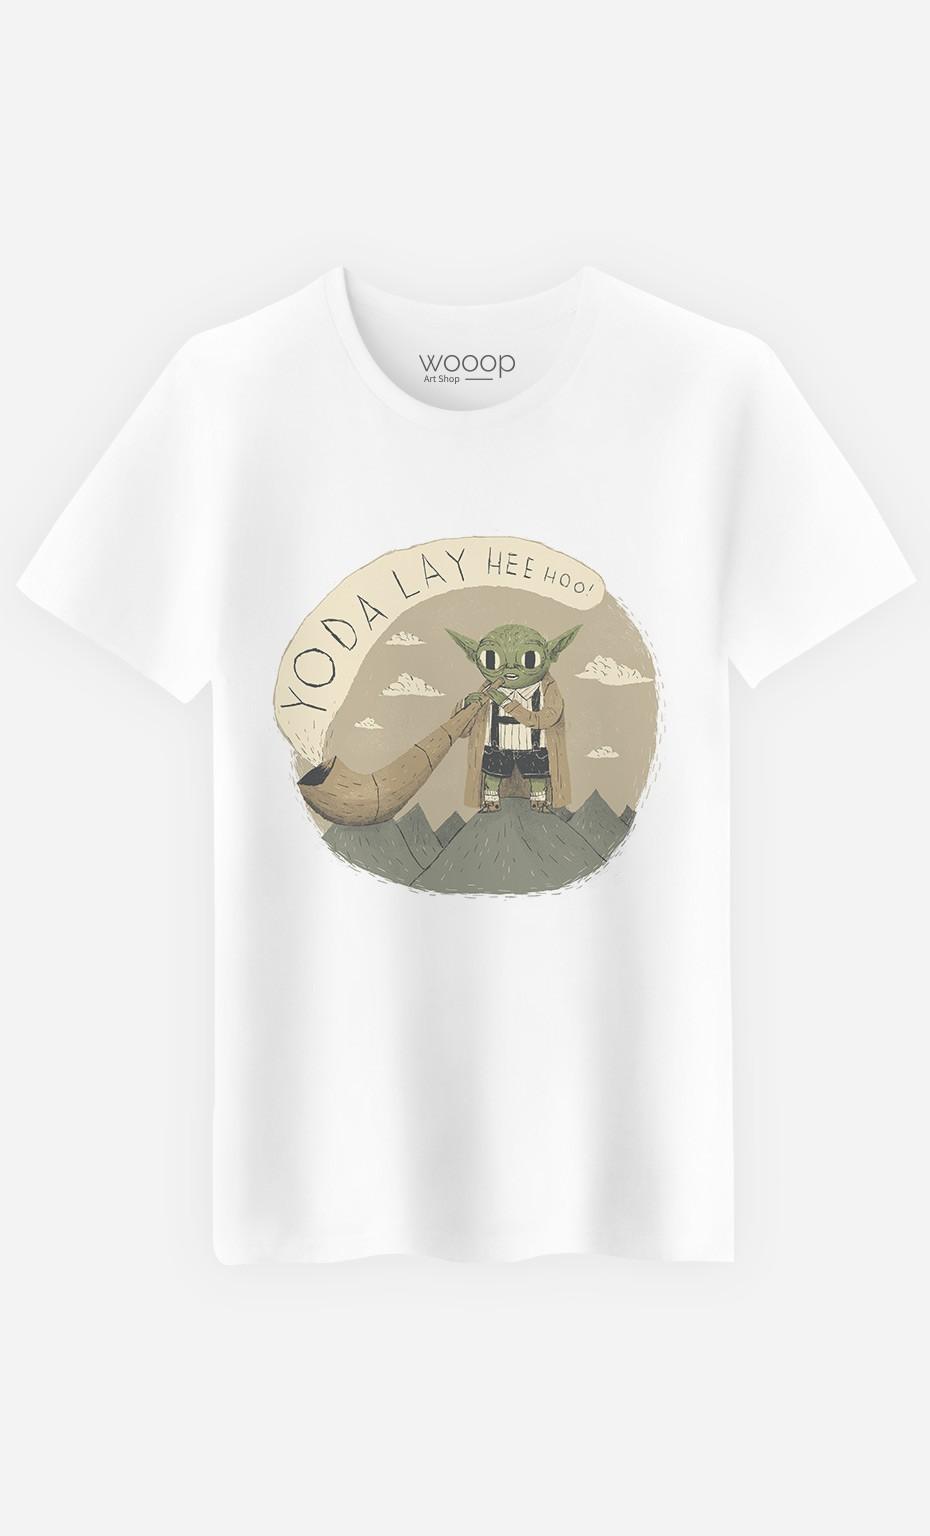 T-Shirt Homme Yoda Layheehoo